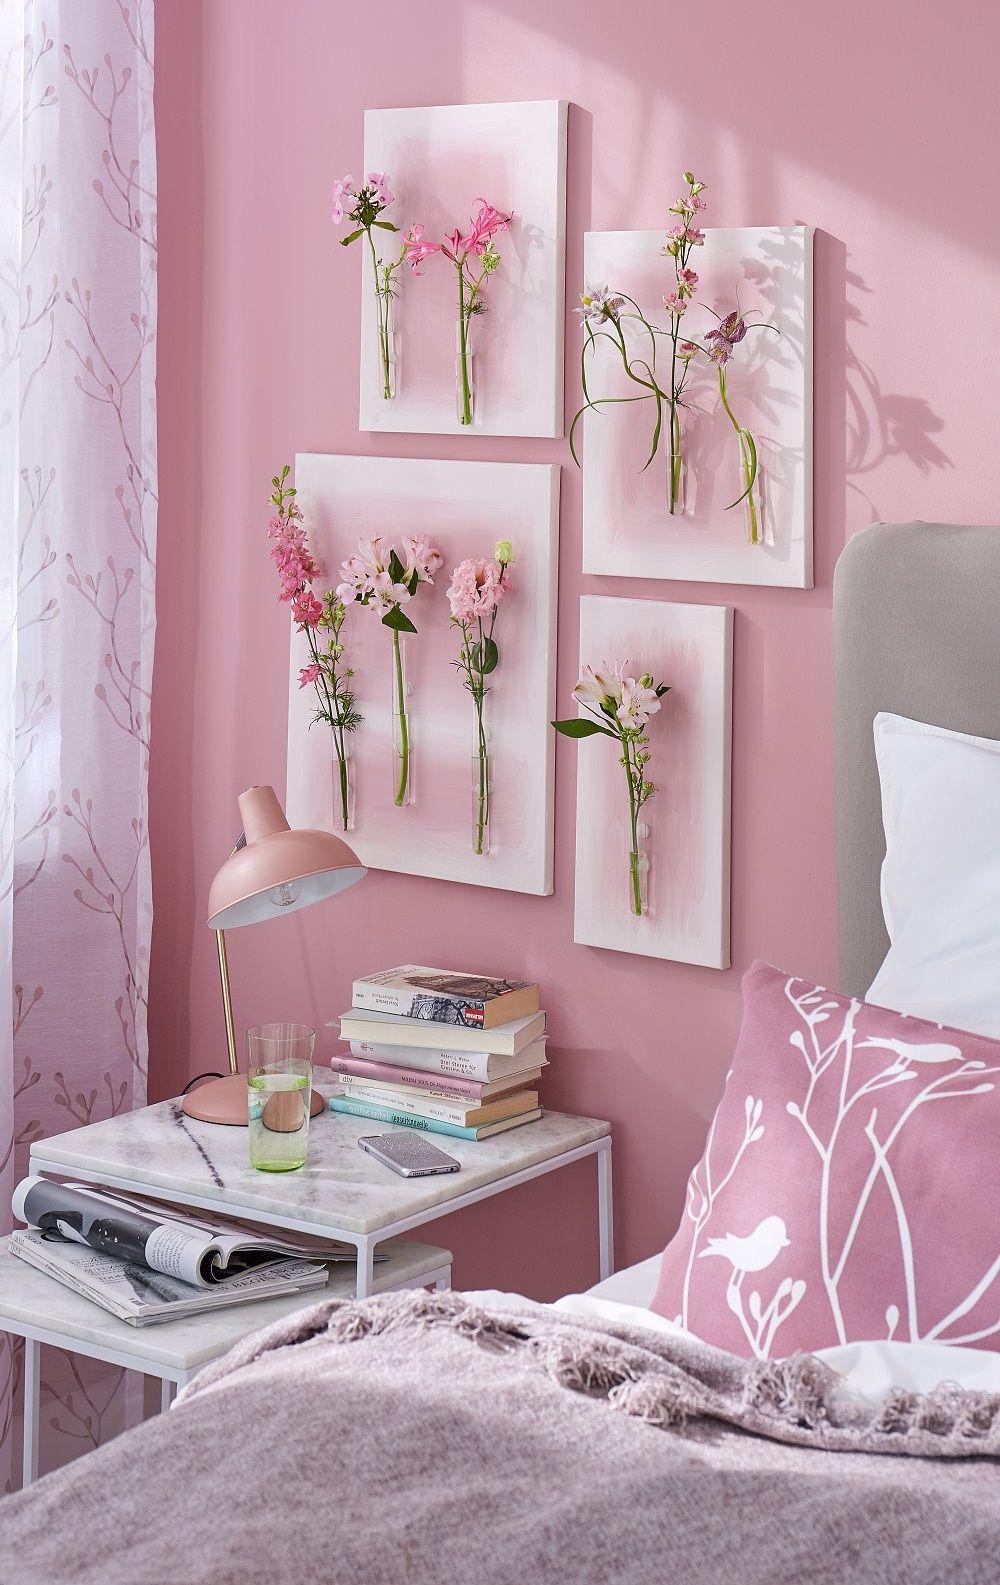 Blumenbilder // Gemalte Blumen hat jeder an der Wand hängen, aber ...